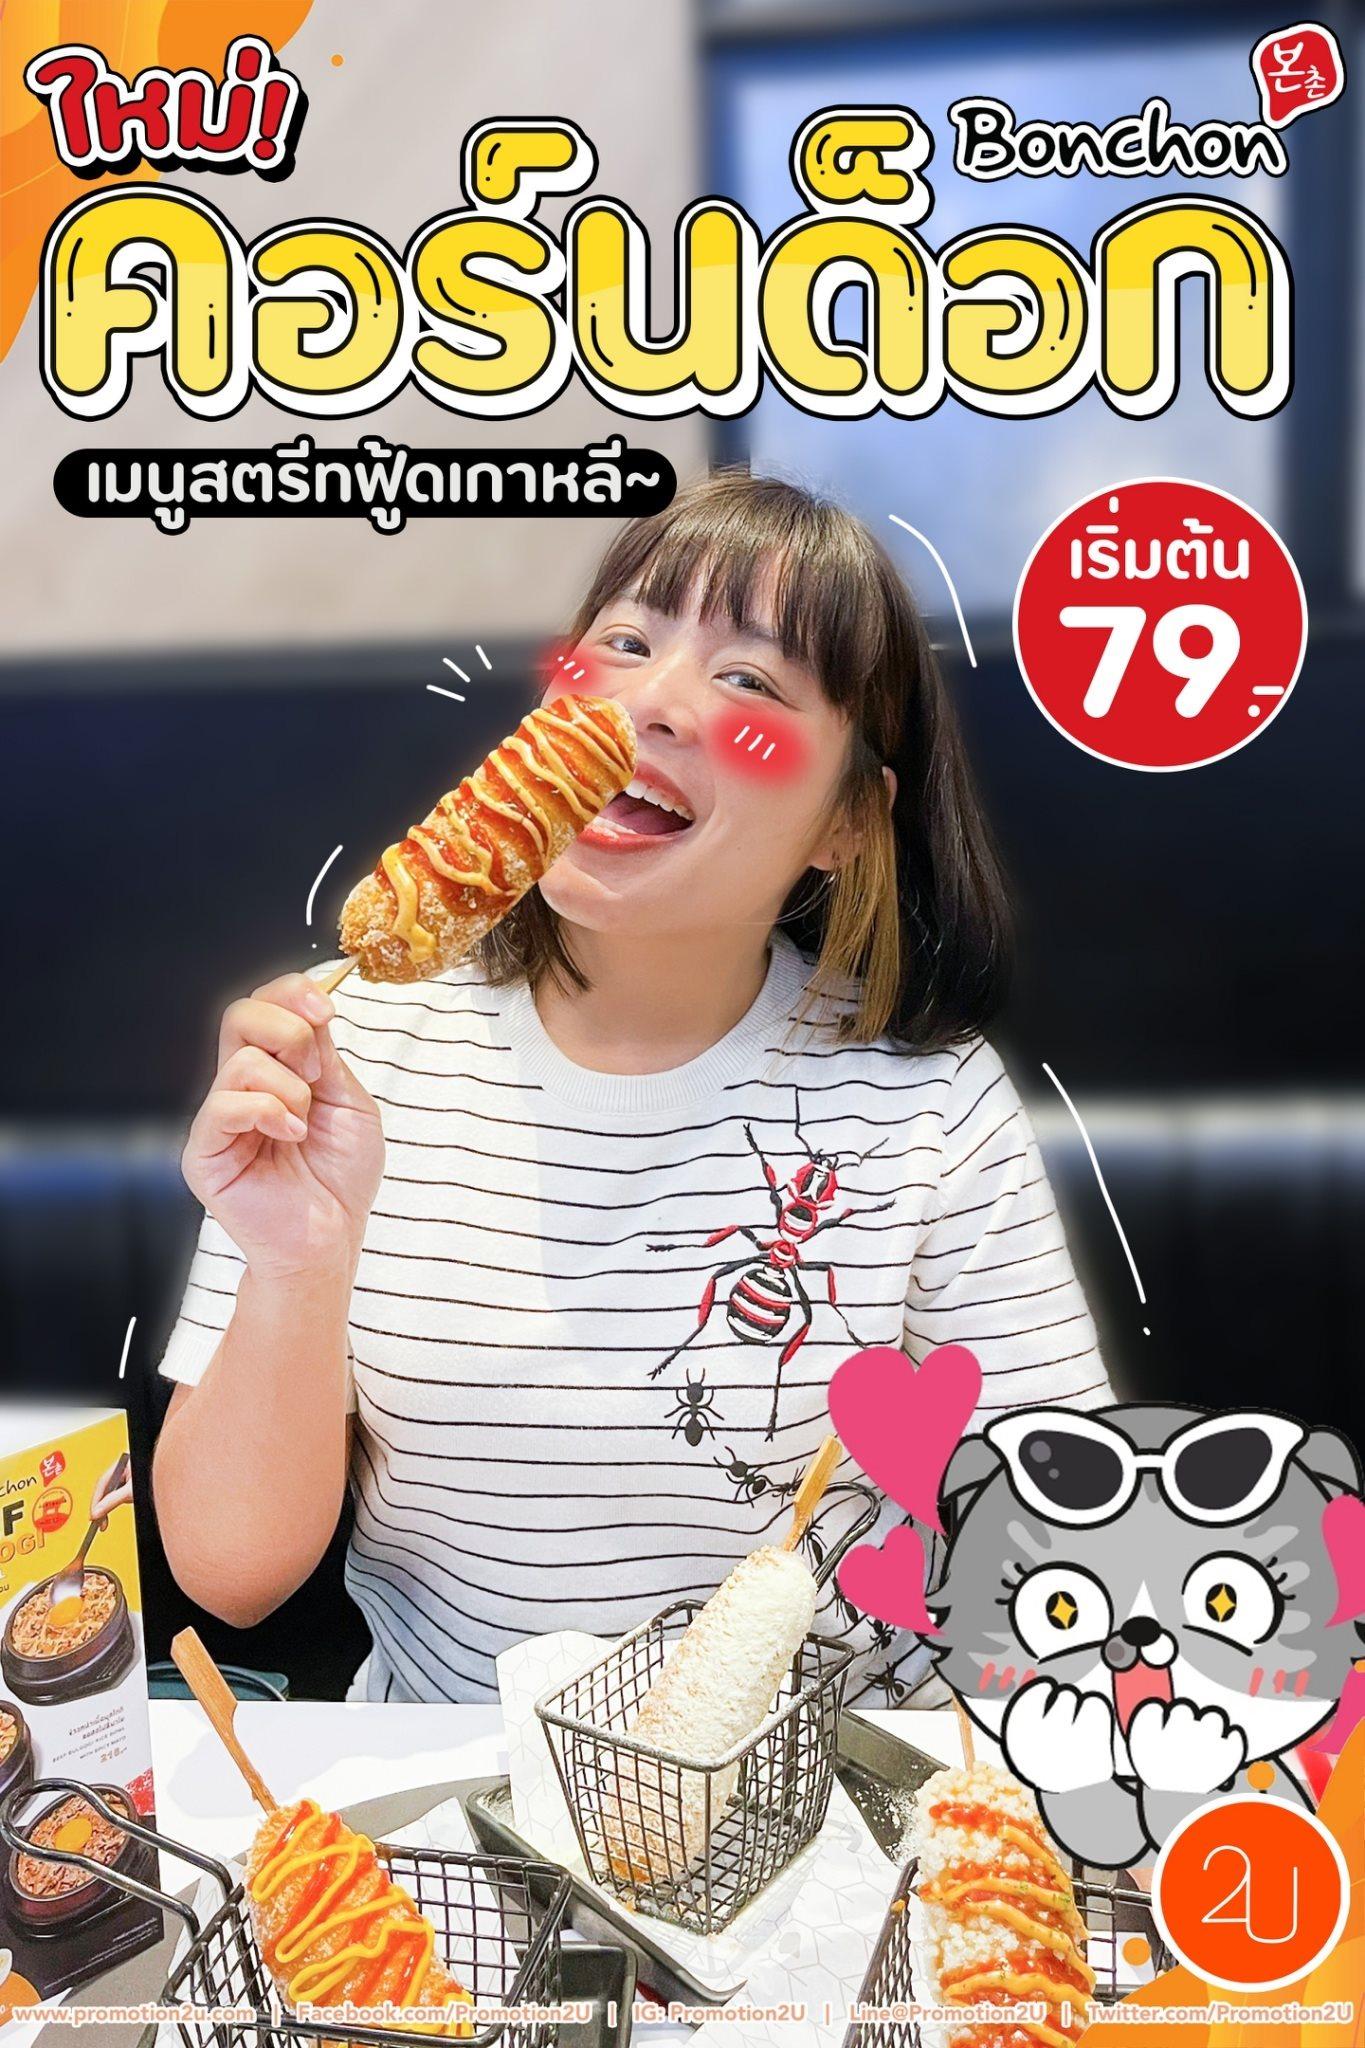 """เมนูใหม่! จาก Bonchon""""คอร์นด็อก"""" เมนูสตรีทฟู้ด ยอดฮิตที่เกาหลี ต้องลอง!!"""